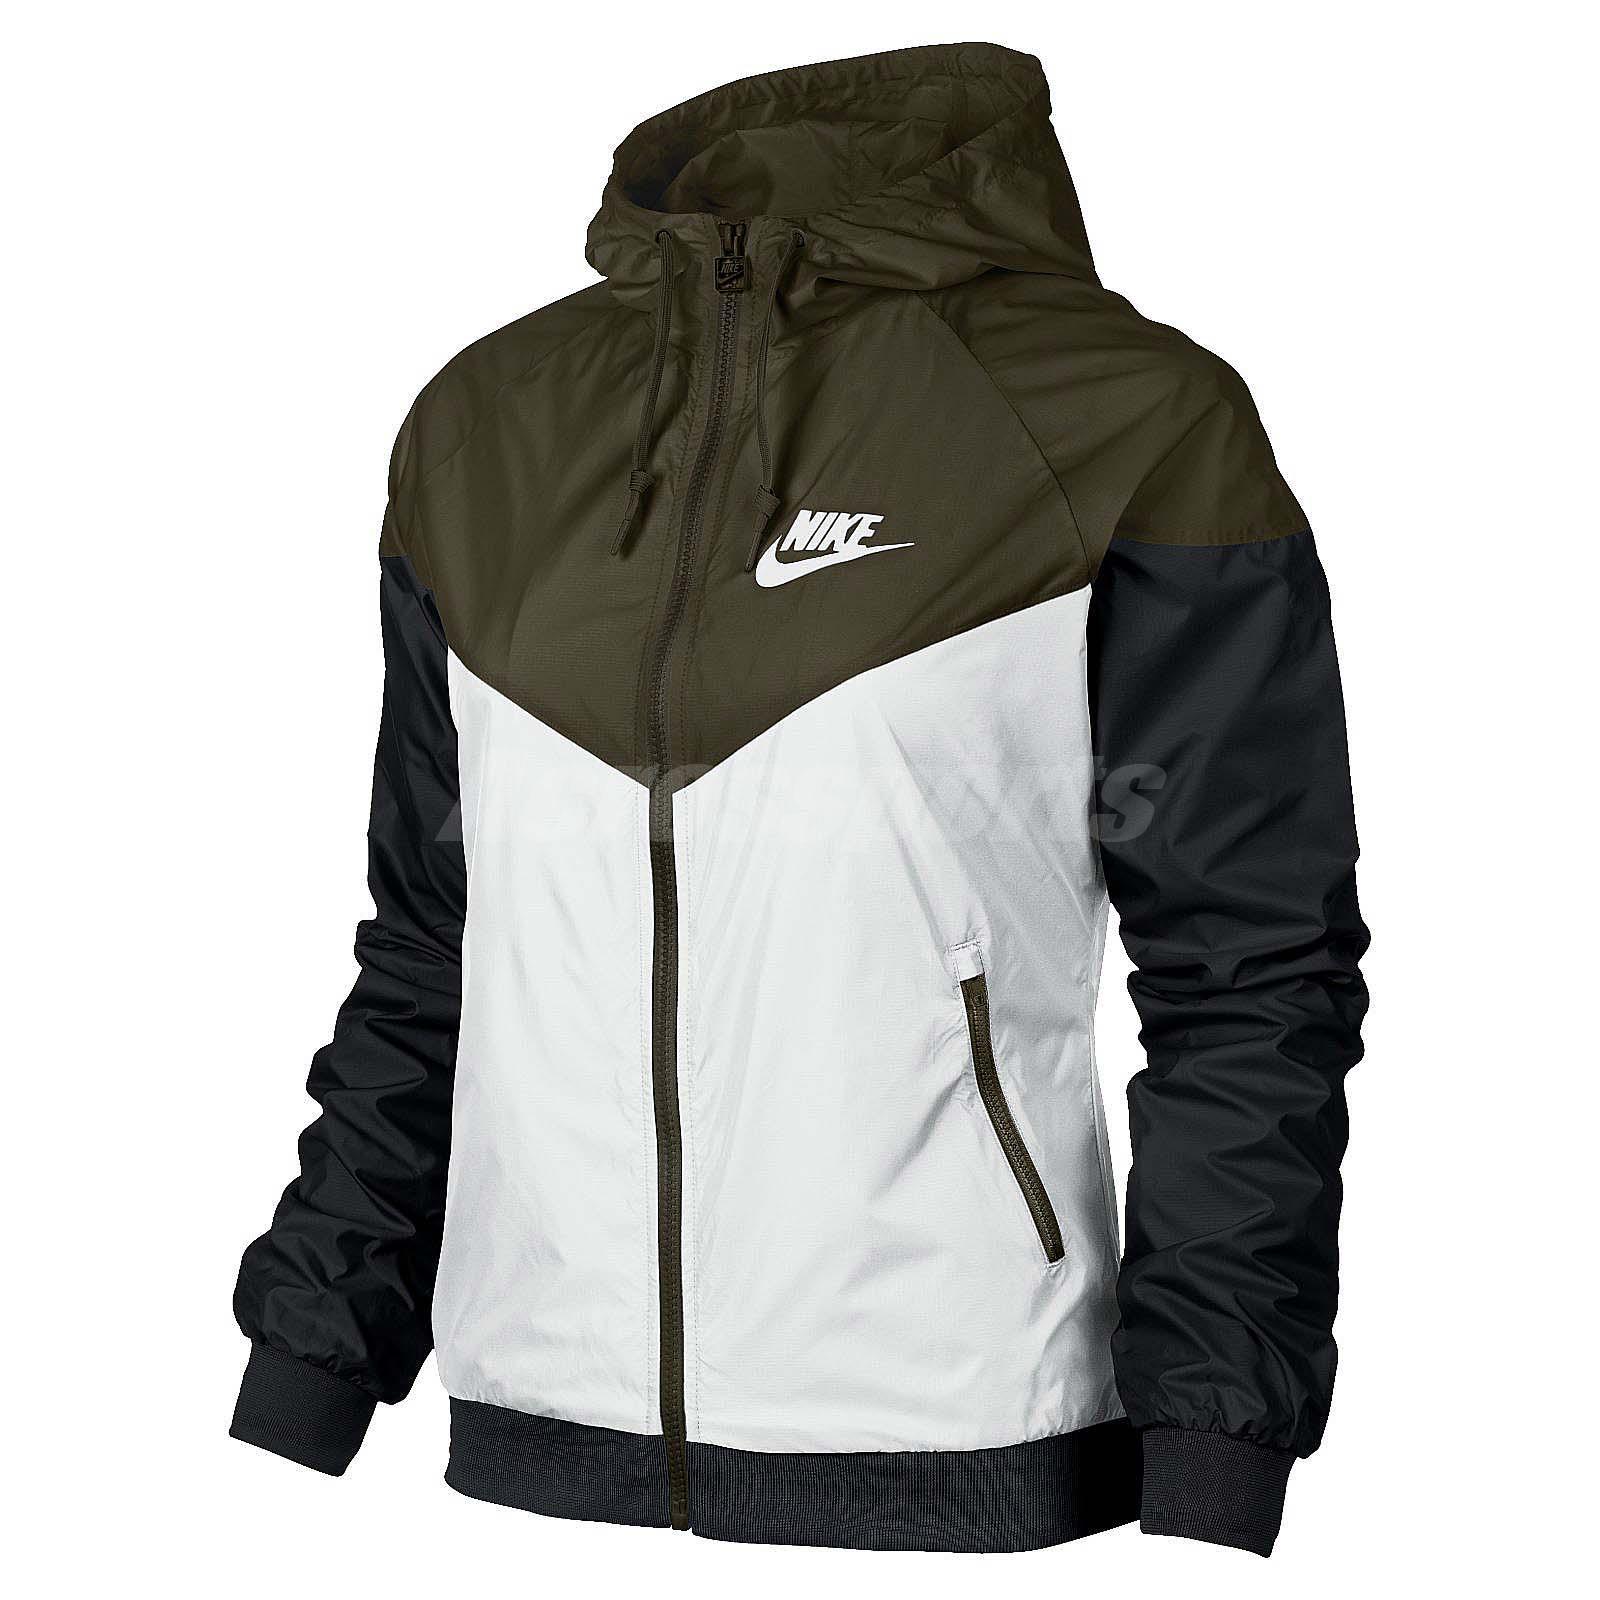 Nike windbreaker jacket women